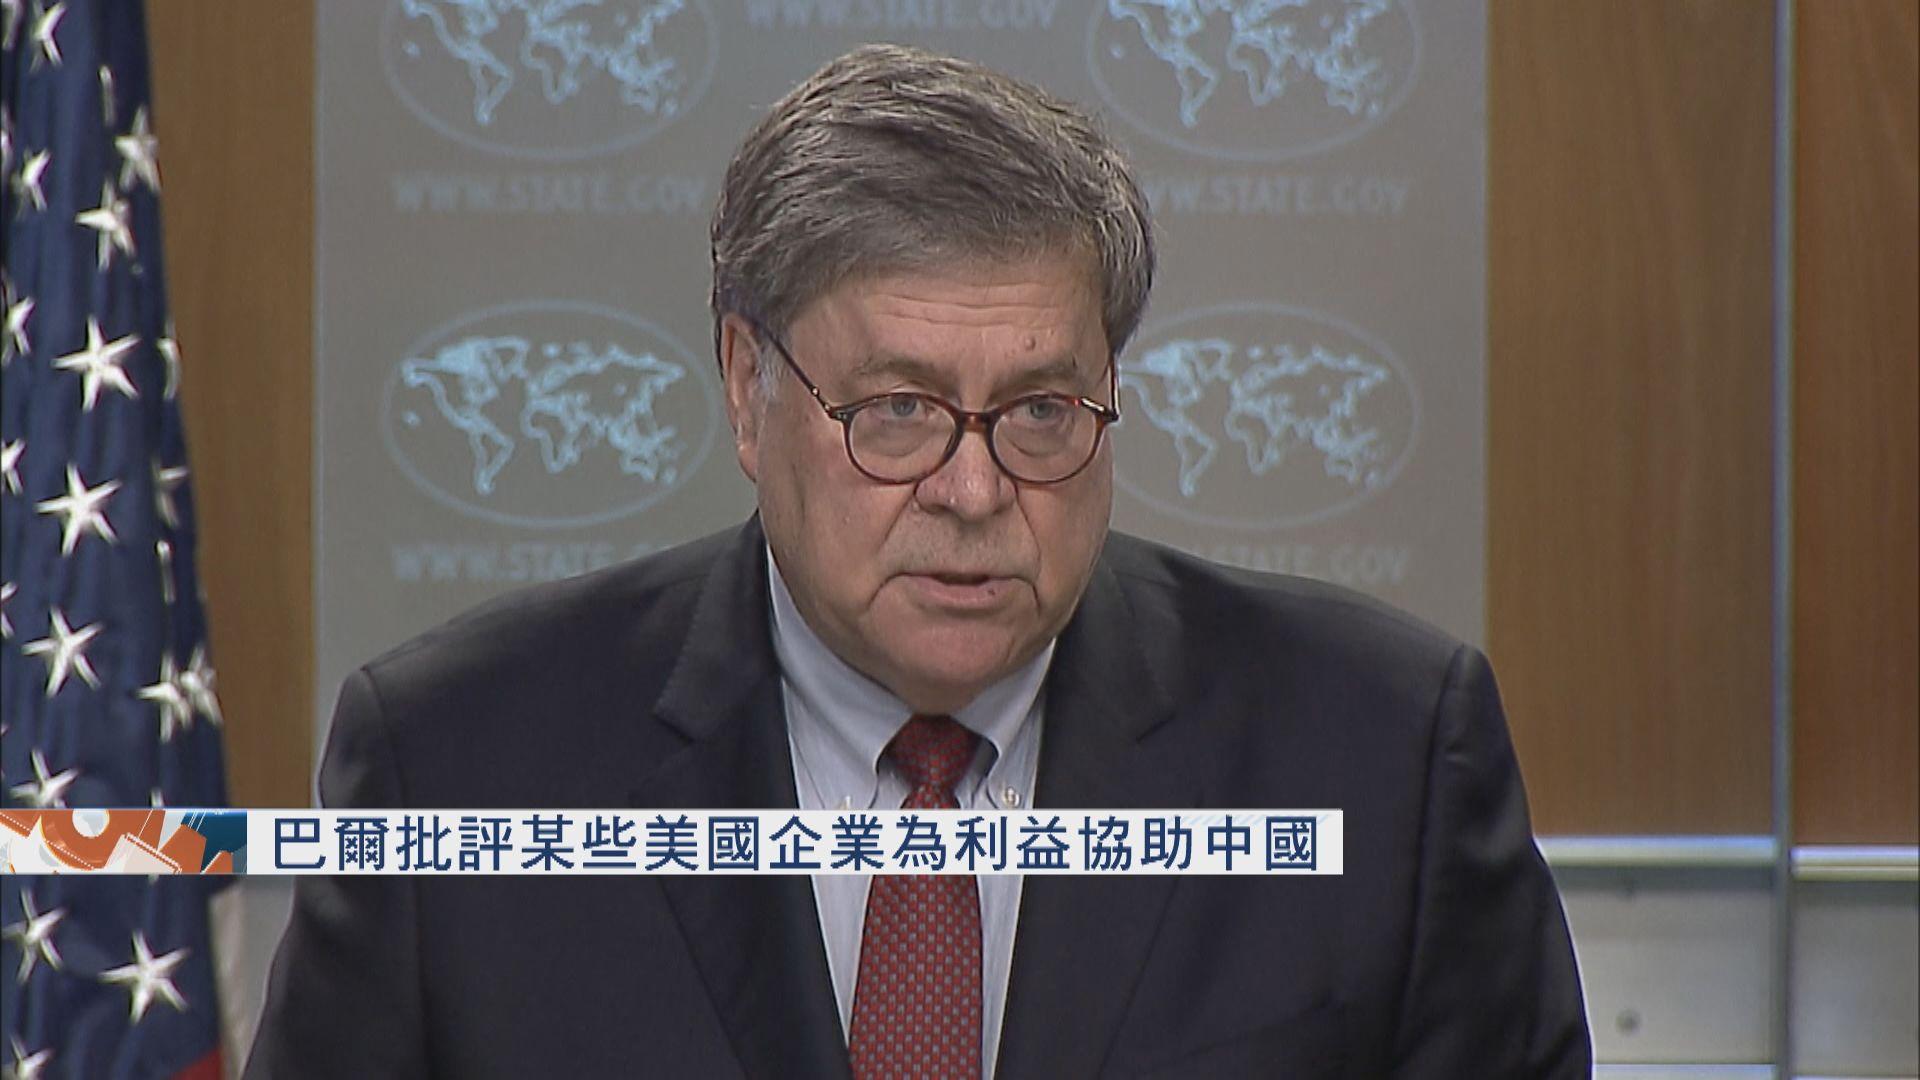 美司法部長批評某些美國企業 為利益助中國